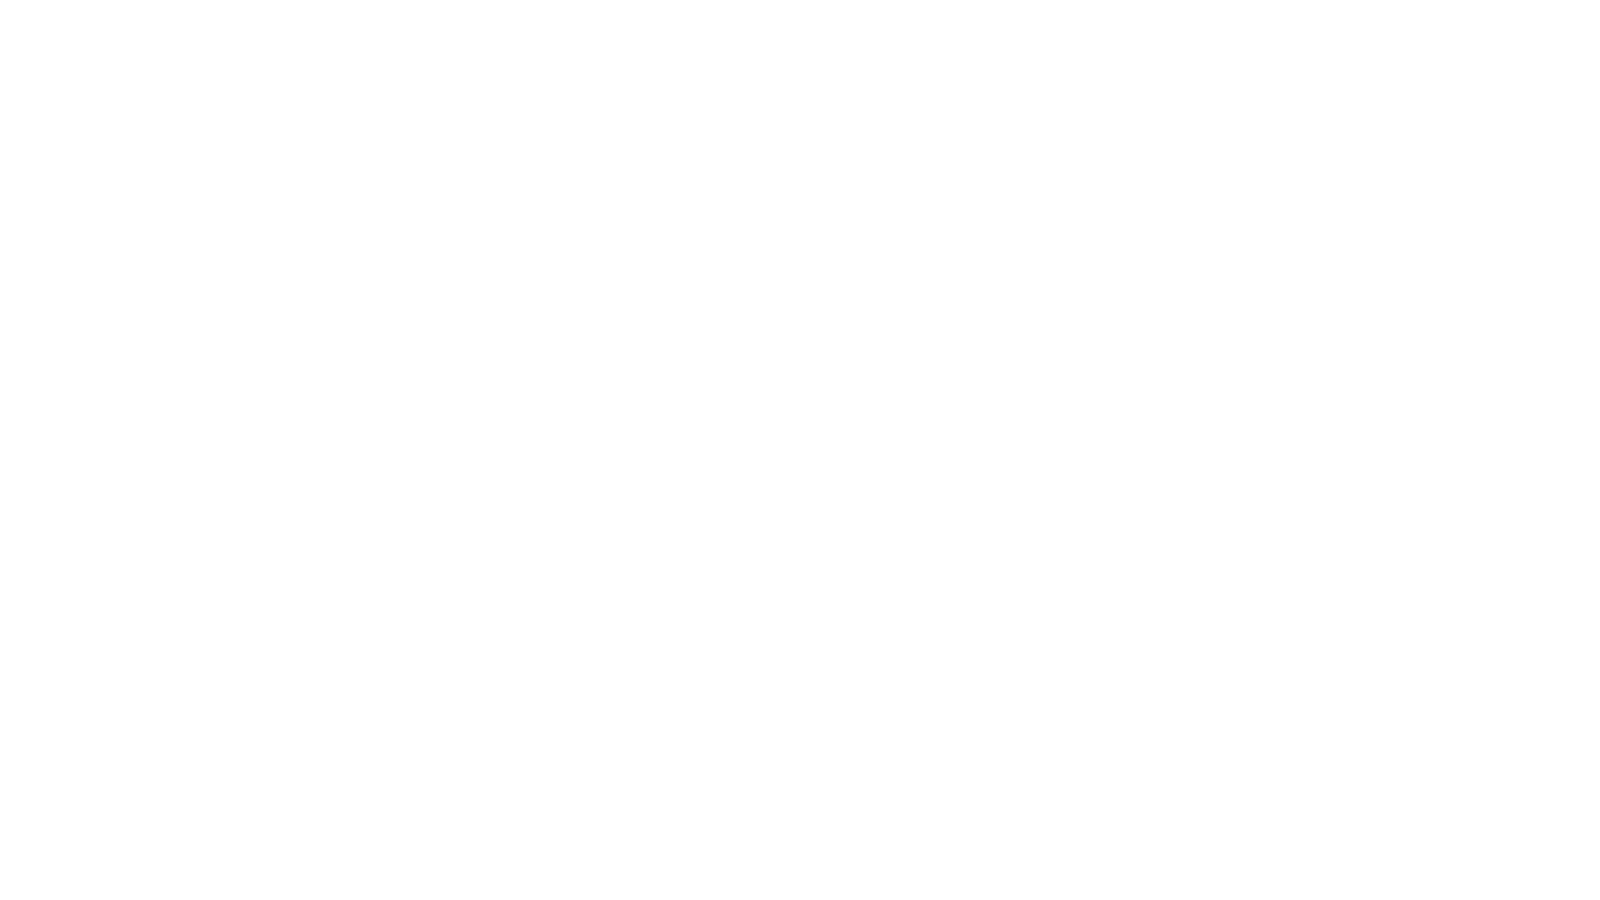 PKW kracht auf Arbeitsmaschine - Beifahrer wird tödlich verletzt Rettungshubschrauber im Einsatz Noch an der Unfallstelle auf der K 1017 zwischen Rutesheim und Flacht ist der 76-jährige Beifahrer eines VW Golf seinen schweren Verletzungen erlegen, die er sich am Mittwoch gegen 08:30 Uhr beim Aufprall auf eine selbstfahrende Arbeitsmaschine zugezogen hatte. Den bisherigen polizeilichen Ermittlungen zufolge war die 63-jährige Fahrerin des VW von Flacht kommend in Richtung Rutesheim unterwegs. Die von einem 22-Jährigen gelenkte Arbeitsmaschine, ein sogenannter Hubsteiger, kreuzte von einem Feldweg aus Richtung Grillplatz Lerchenberg kommend die Fahrbahn und zwei Kollegen des 22-Jährigen sicherten dieses Manöver auf der Kreisstraße in beiden Richtungen ab. Aus noch ungeklärter Ursache fuhr die 63-Jährige frontal auf die Arbeitsmaschine auf. Sie und der Fahrer des Hubsteigers mussten von der Feuerwehr aus ihren stark beschädigte Fahrzeugen befreit werden und wurden vom Rettungsdienst mit schweren Verletzungen in Krankenhäuser gebracht. An den Fahrzeugen entstand Sachschaden von insgesamt rund 100.000 Euro. Für die weiteren Unfallermittlungen hat die Polizei auf Anordnung der Staatsanwaltschaft Stuttgart einen Sachverständigen hinzugezogen.  An der Unfallstelle waren neben der Polizei drei Rettungswagen, drei Notarztwagen mit einem Leitenden Notarzt sowie ein Rettungshubschrauber eingesetzt. Die Feuerwehren aus Leonberg und Rutesheim unterstützten mit 30 Einsatzkräften und sechs Fahrzeugen und die Straßenmeisterei Leonberg hatte zwei Fahrzeugbesatzungen zur Sperrung der Kreisstraße im Einsatz.  Für die Dauer der Unfallaufnahme sowie der Bergungs- und Reinigungsarbeiten war die K 1017 zwischen Rutesheim und Flacht bis gegen 14:30 Uhr gesperrt.(pol/sta)  Blaulichtnews BB - das Blaulichtportal für den Kreis Böblingen - immer aktuell - schnell und seriös.  Einfach unseren YouTube Kanal abonnieren und die Glocke aktivieren und ihr seht sofort wenns ein neues Video gibt.  Like 